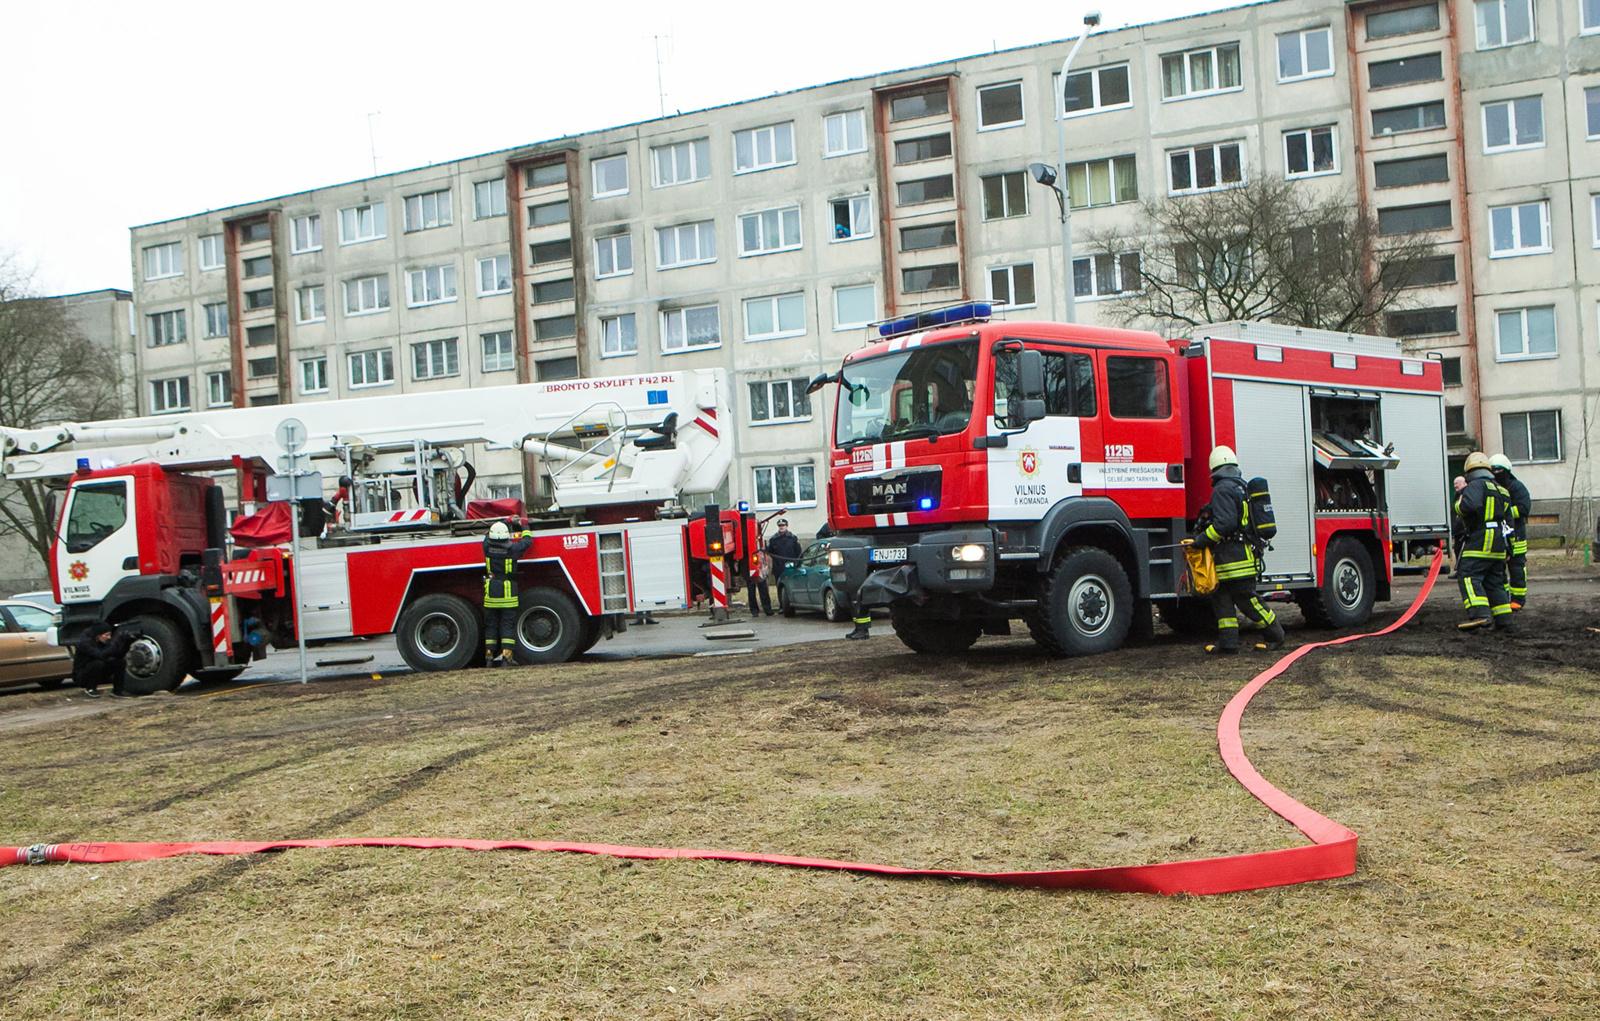 Lietuvoje per aštuonis mėnesius kilo daugiau kaip 9 tūkst. gaisrų, juose žuvo 52 žmonės